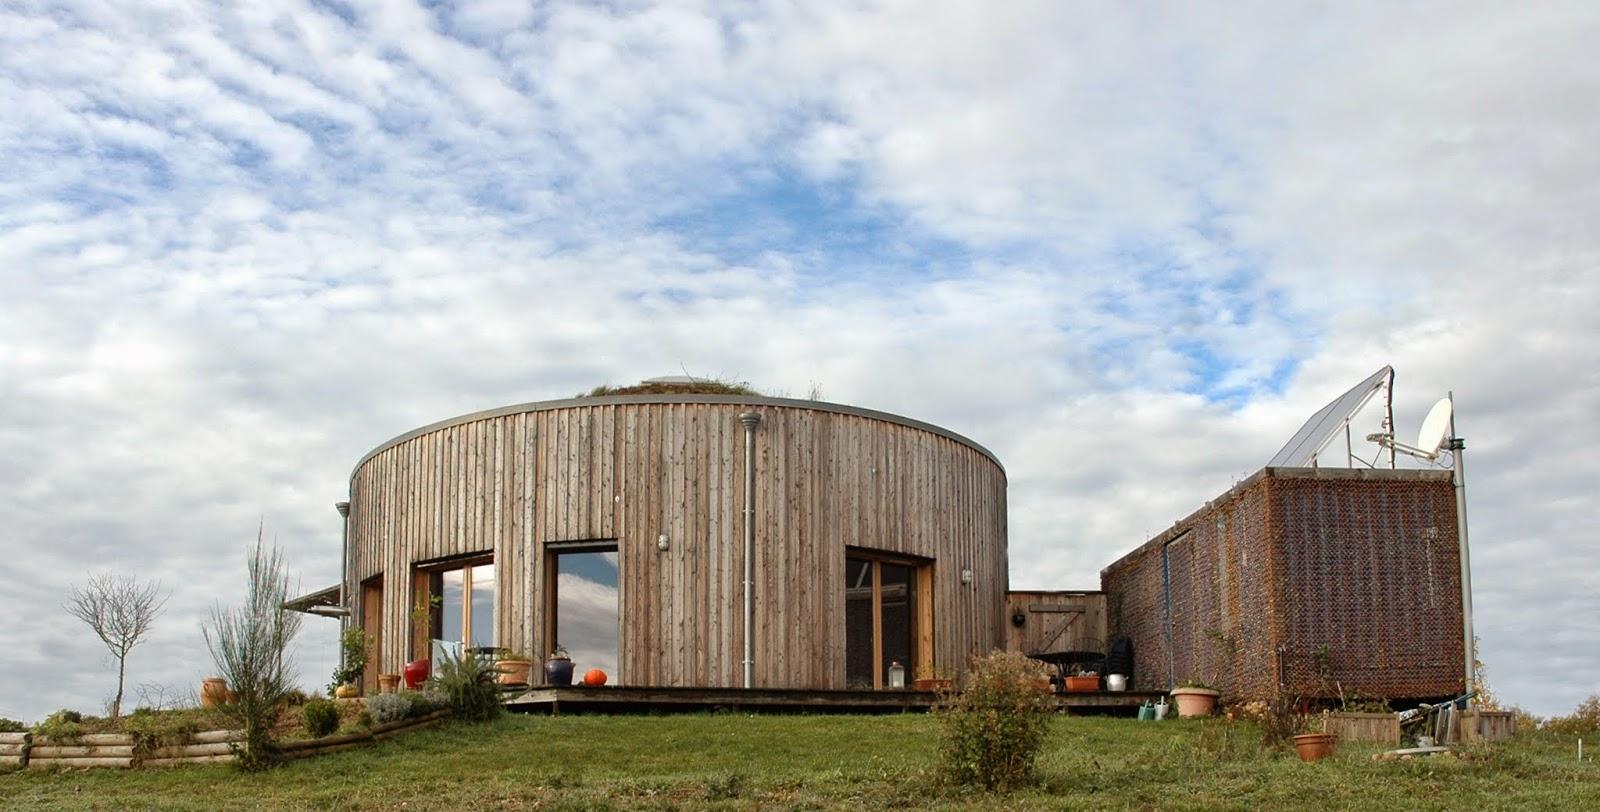 Le projet de cette maison bois écologique bbc a émergé face aux contraintes et aux atouts du site